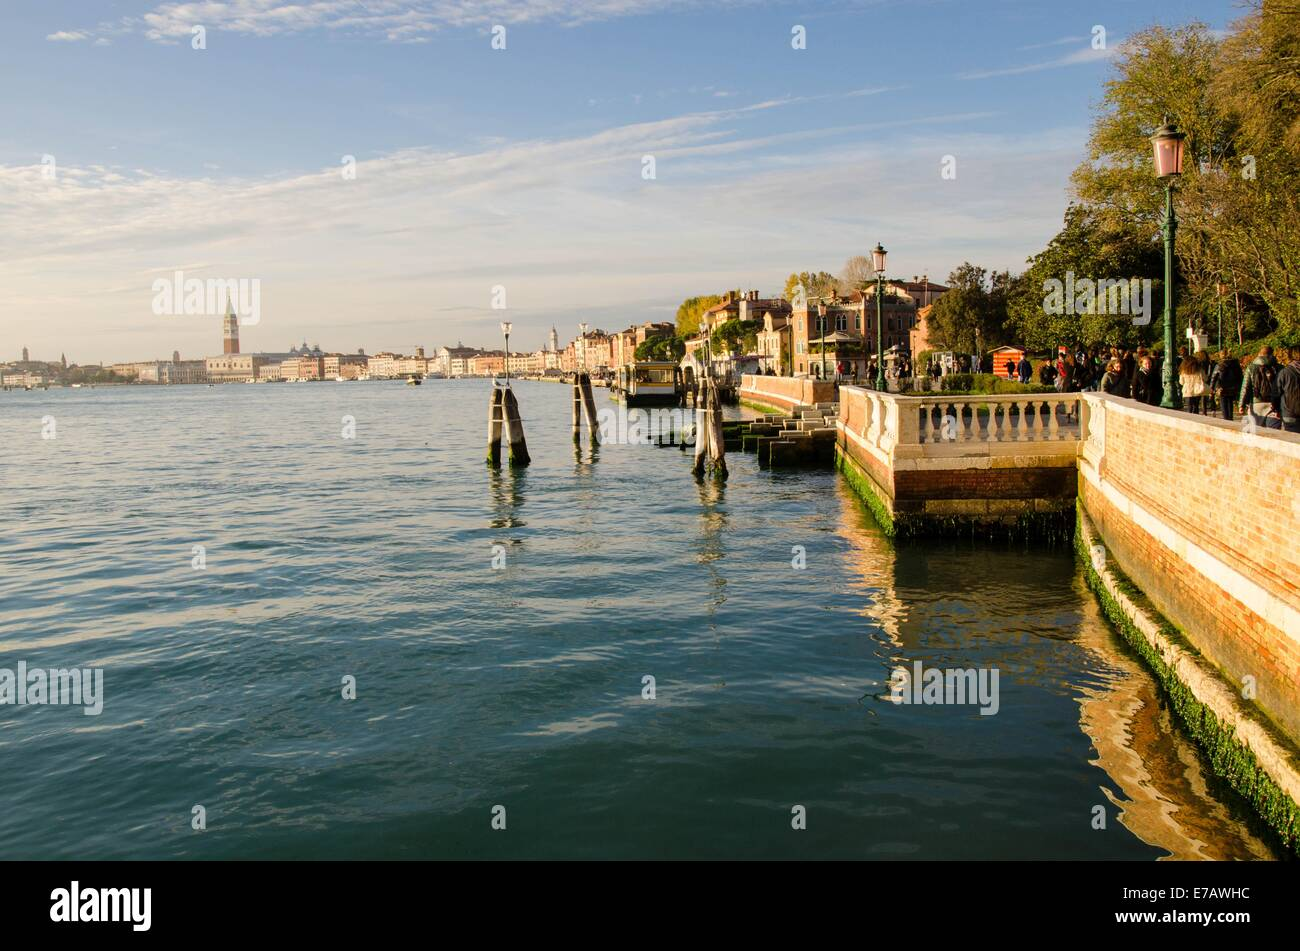 L'Italia, Venezia, Venezia, Venedig, Canale di San Marco, Riva dei Sette Martiri Immagini Stock